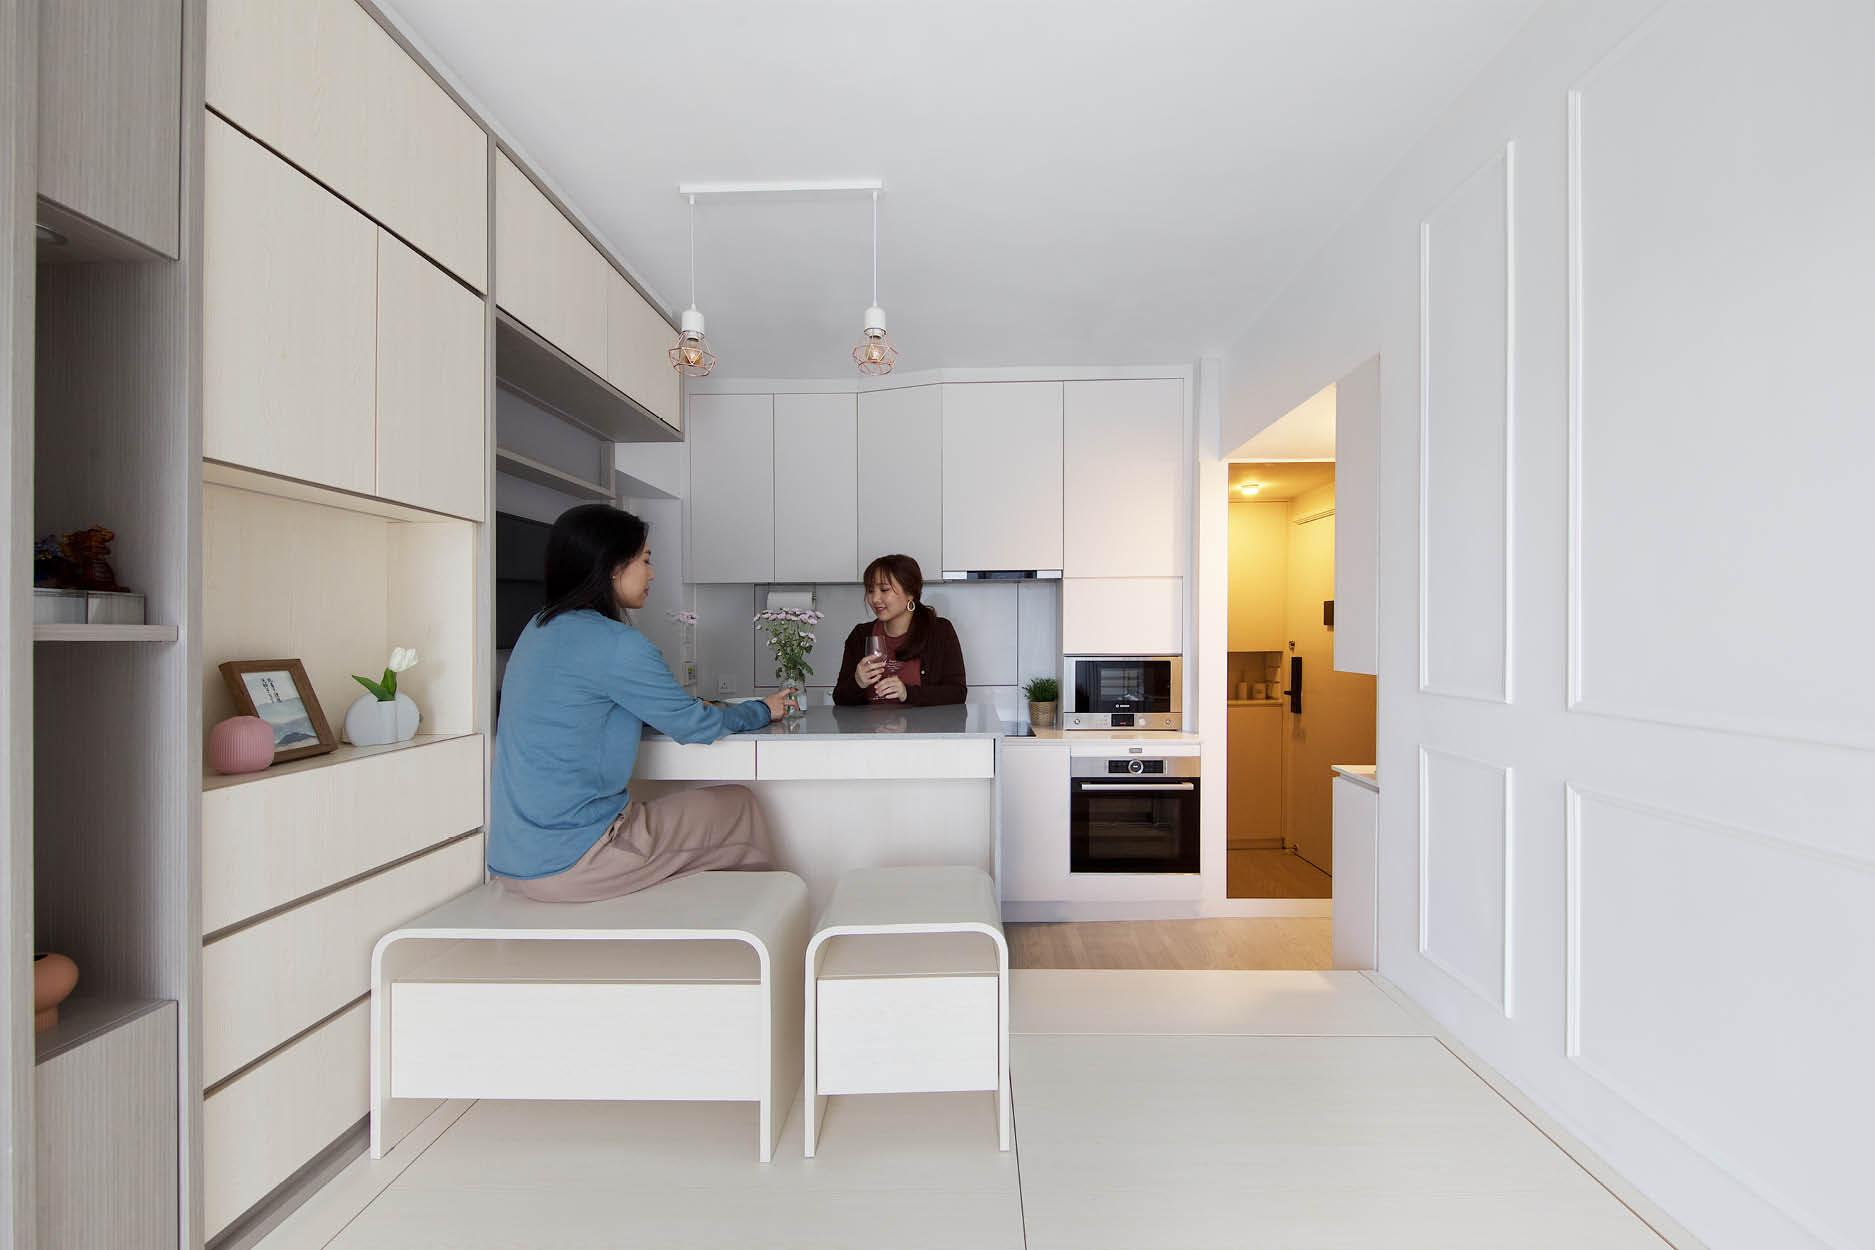 Căn hộ 45m² với mẹo bố trí hợp phong thủy giúp không gian thêm vượng khí, vợ chồng thêm thuận hòa  - Ảnh 9.